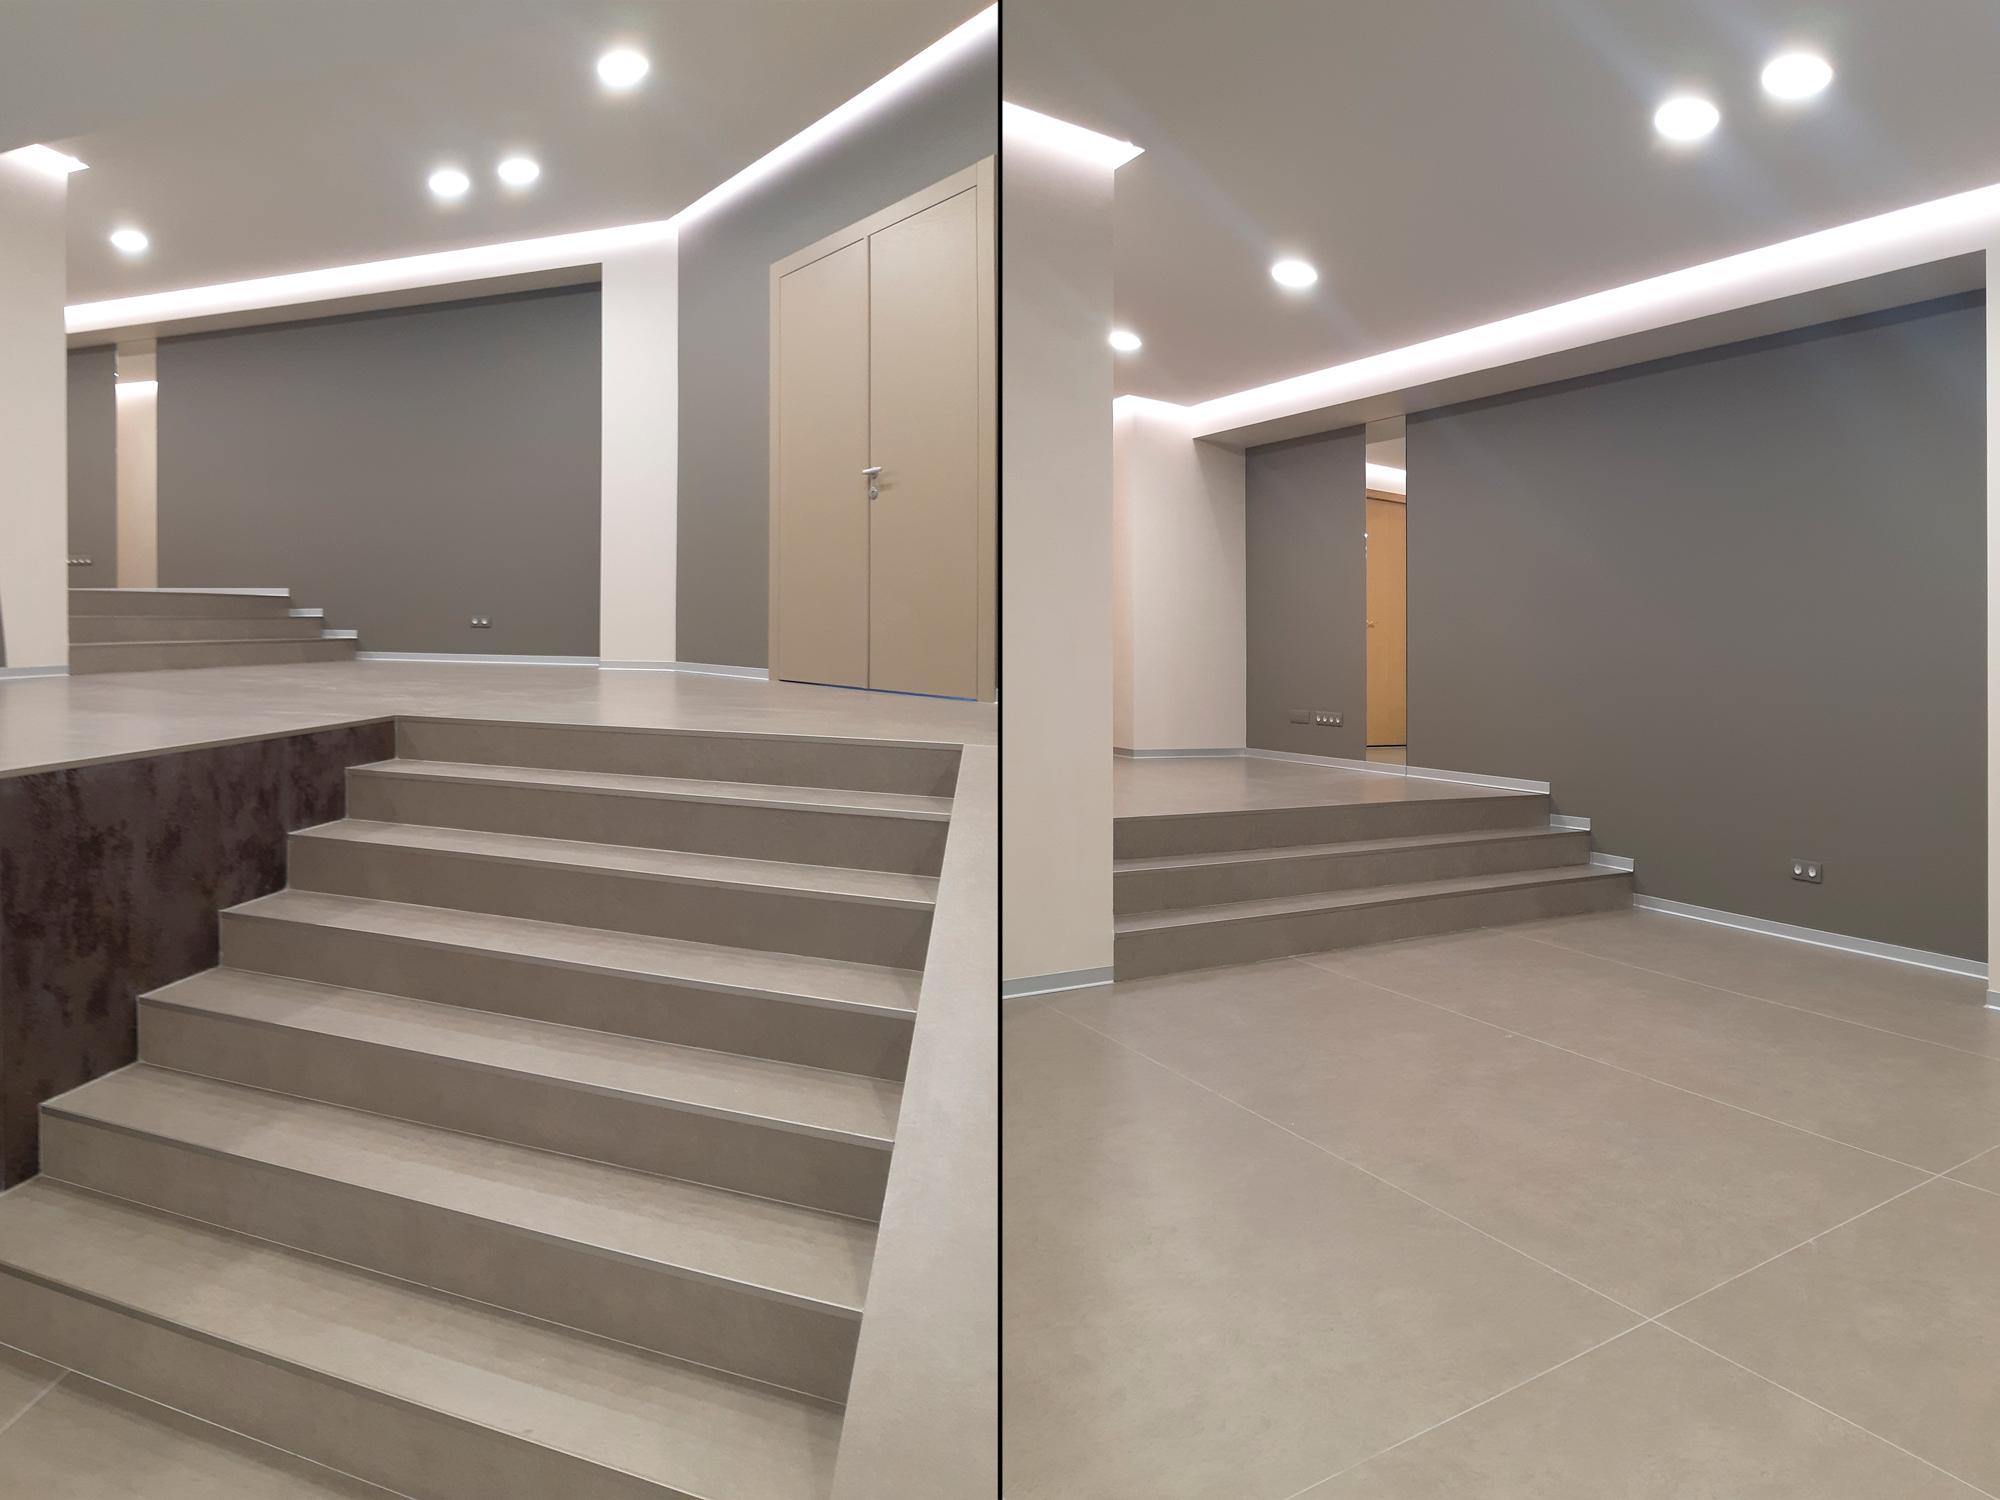 Реализованный проект освещения СПБГУП Холл дом студентов